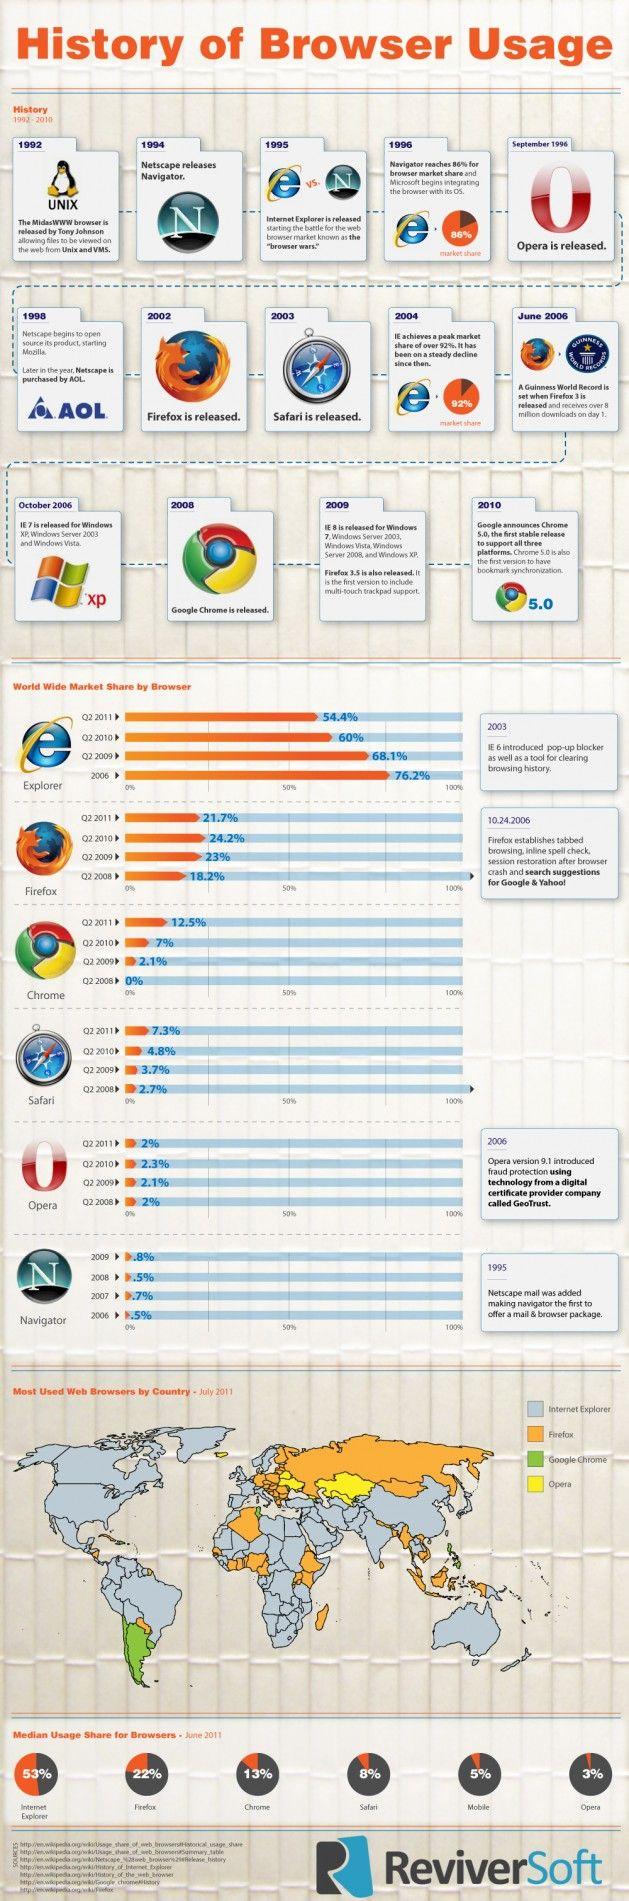 La historia de los navegadores web, 19 años (INFOGRAFIA) 31